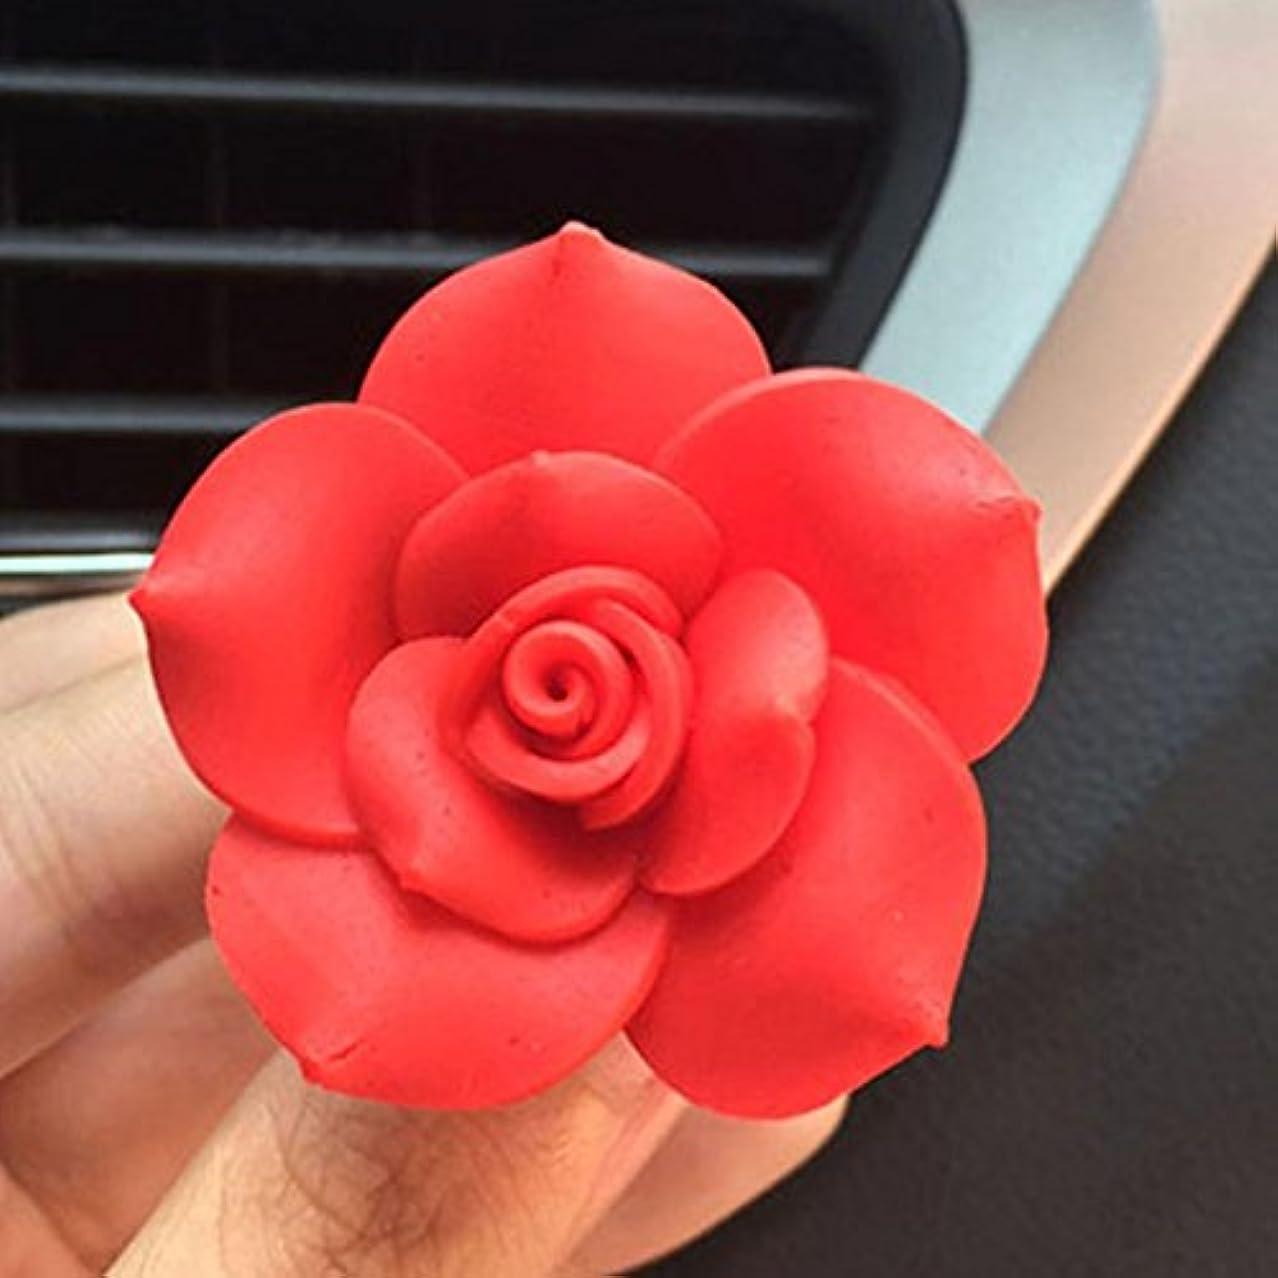 シャープリファイン息切れgessppo車ソフトSOTTERY Flower AirコンセントFragrant PerfumeクリップFreshener Diffuser